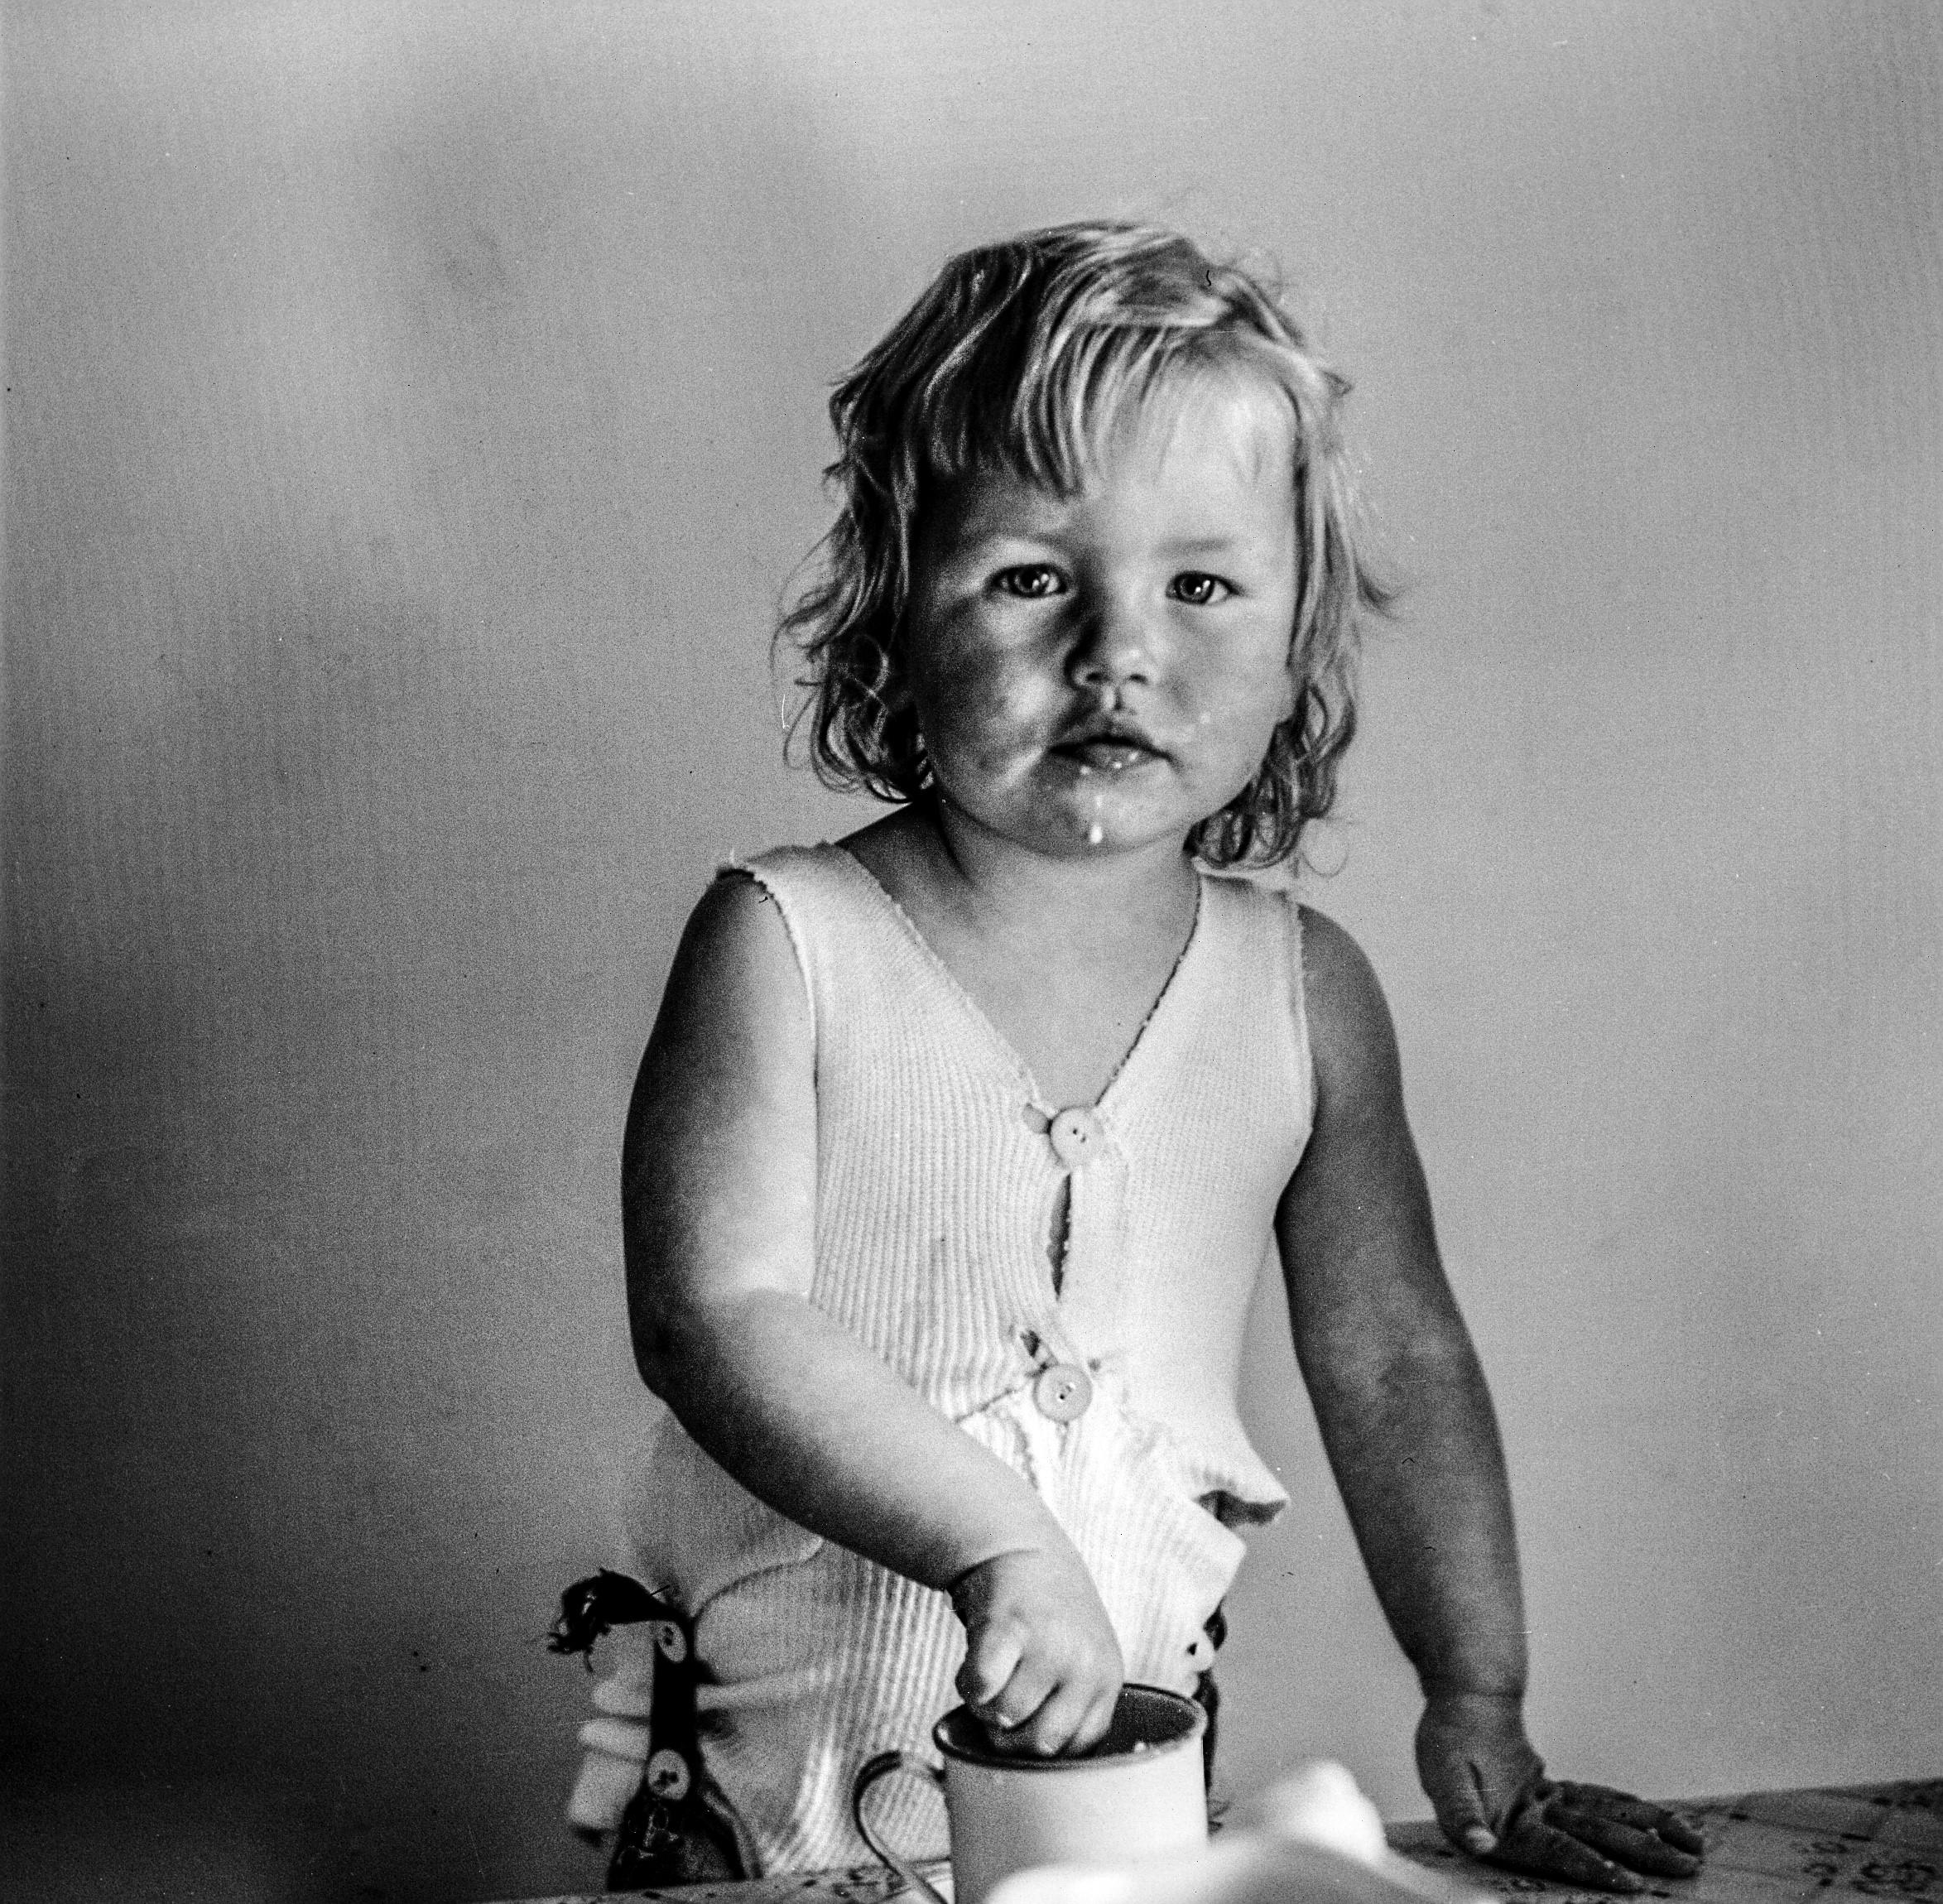 Keikyää etsimessä − Jukka Virtasen valokuvia 1950-luvun Keikyästä